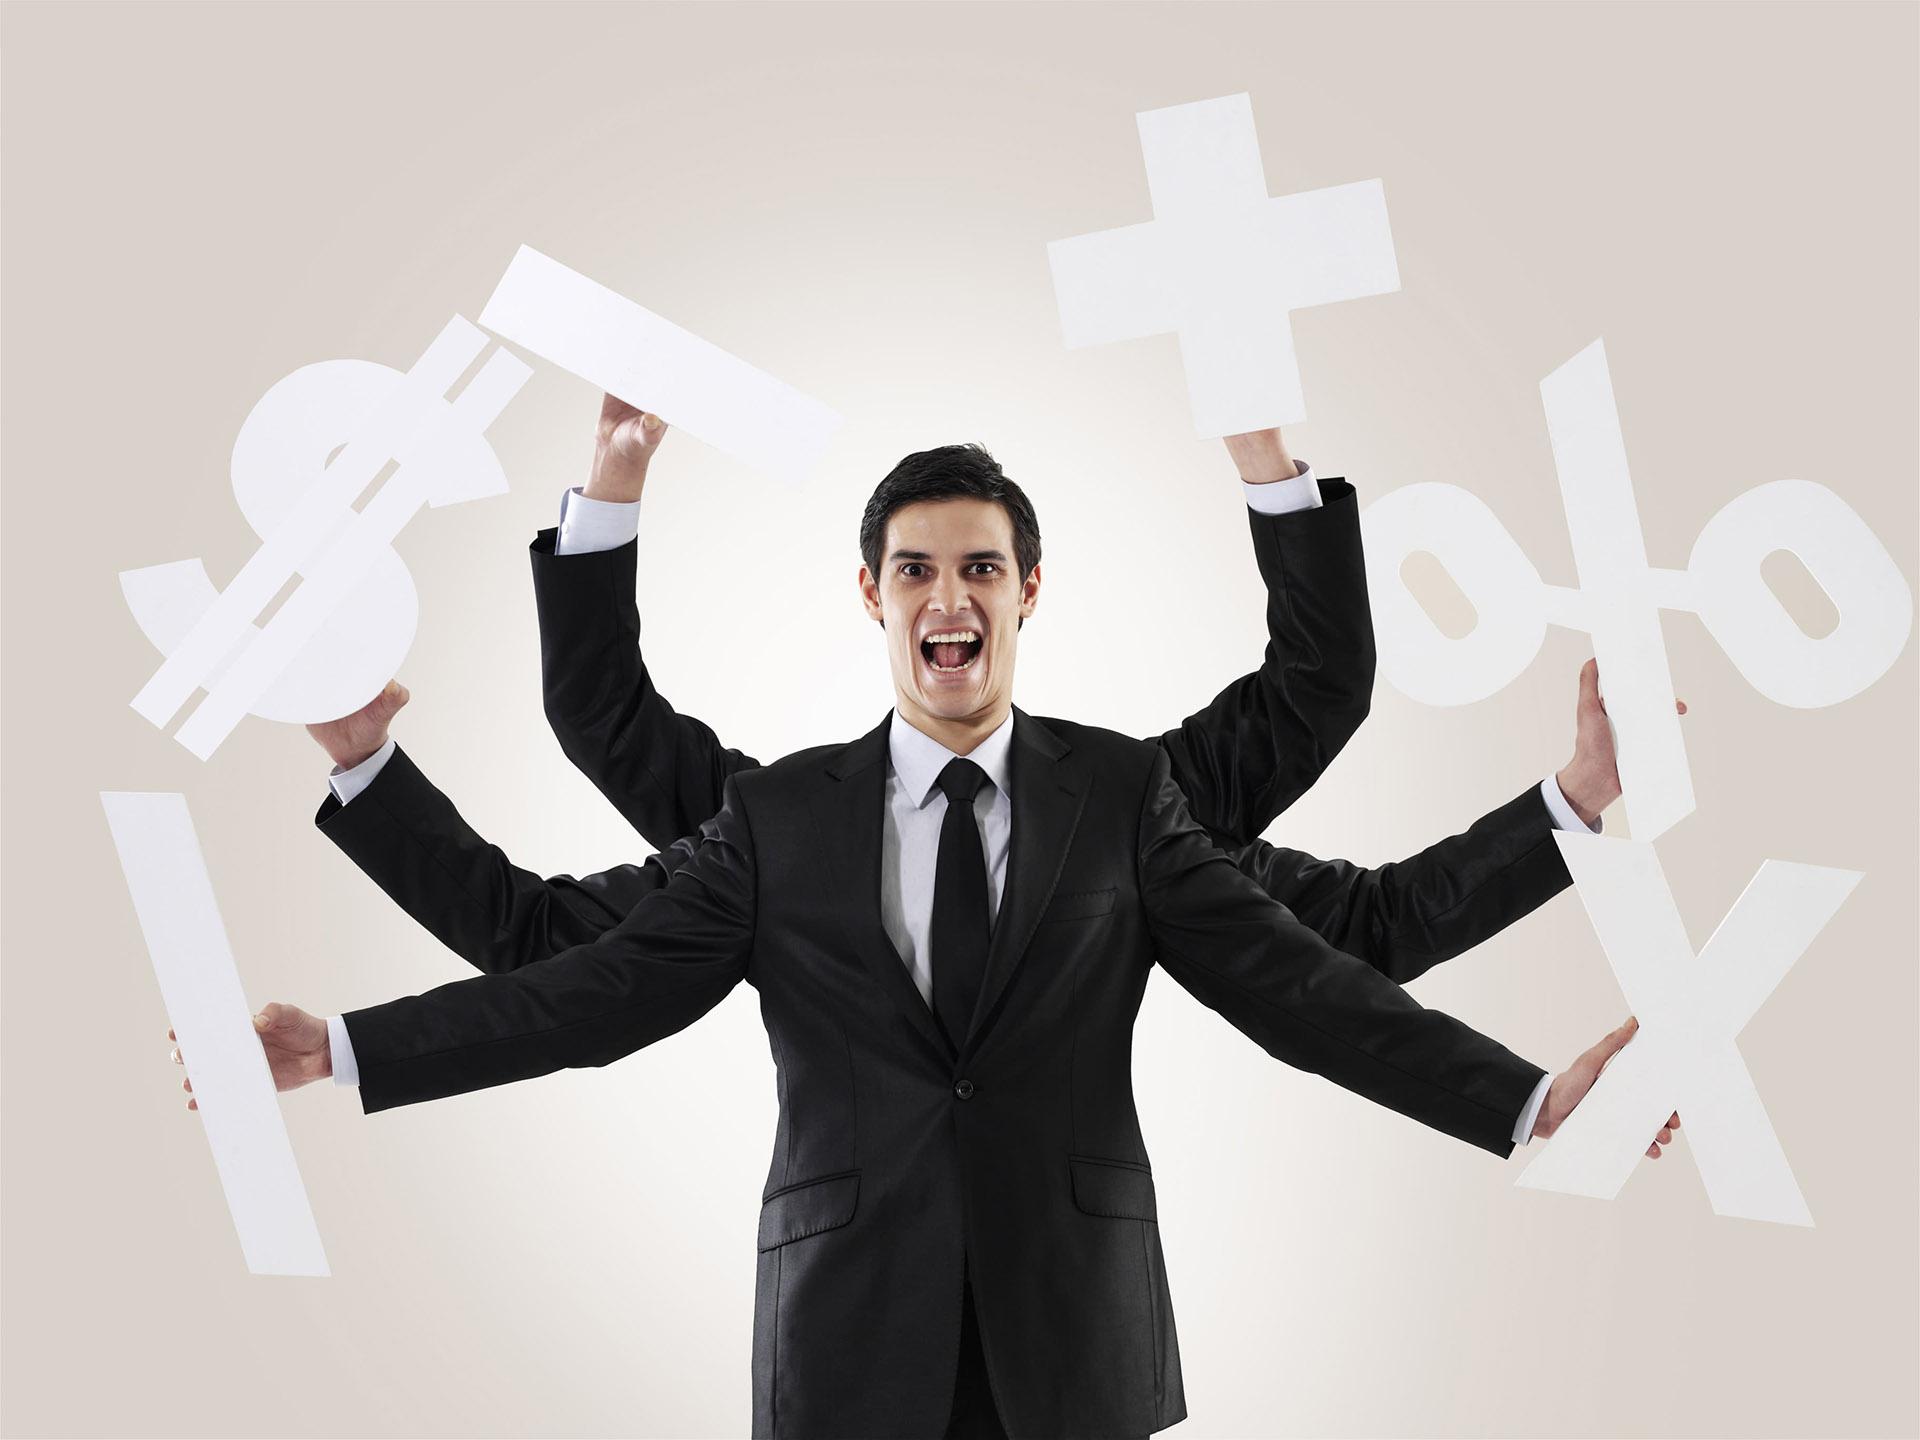 Бесплатный вебинар: Кто такой финансовый директор сегодня. Новые навыки - новые возможности